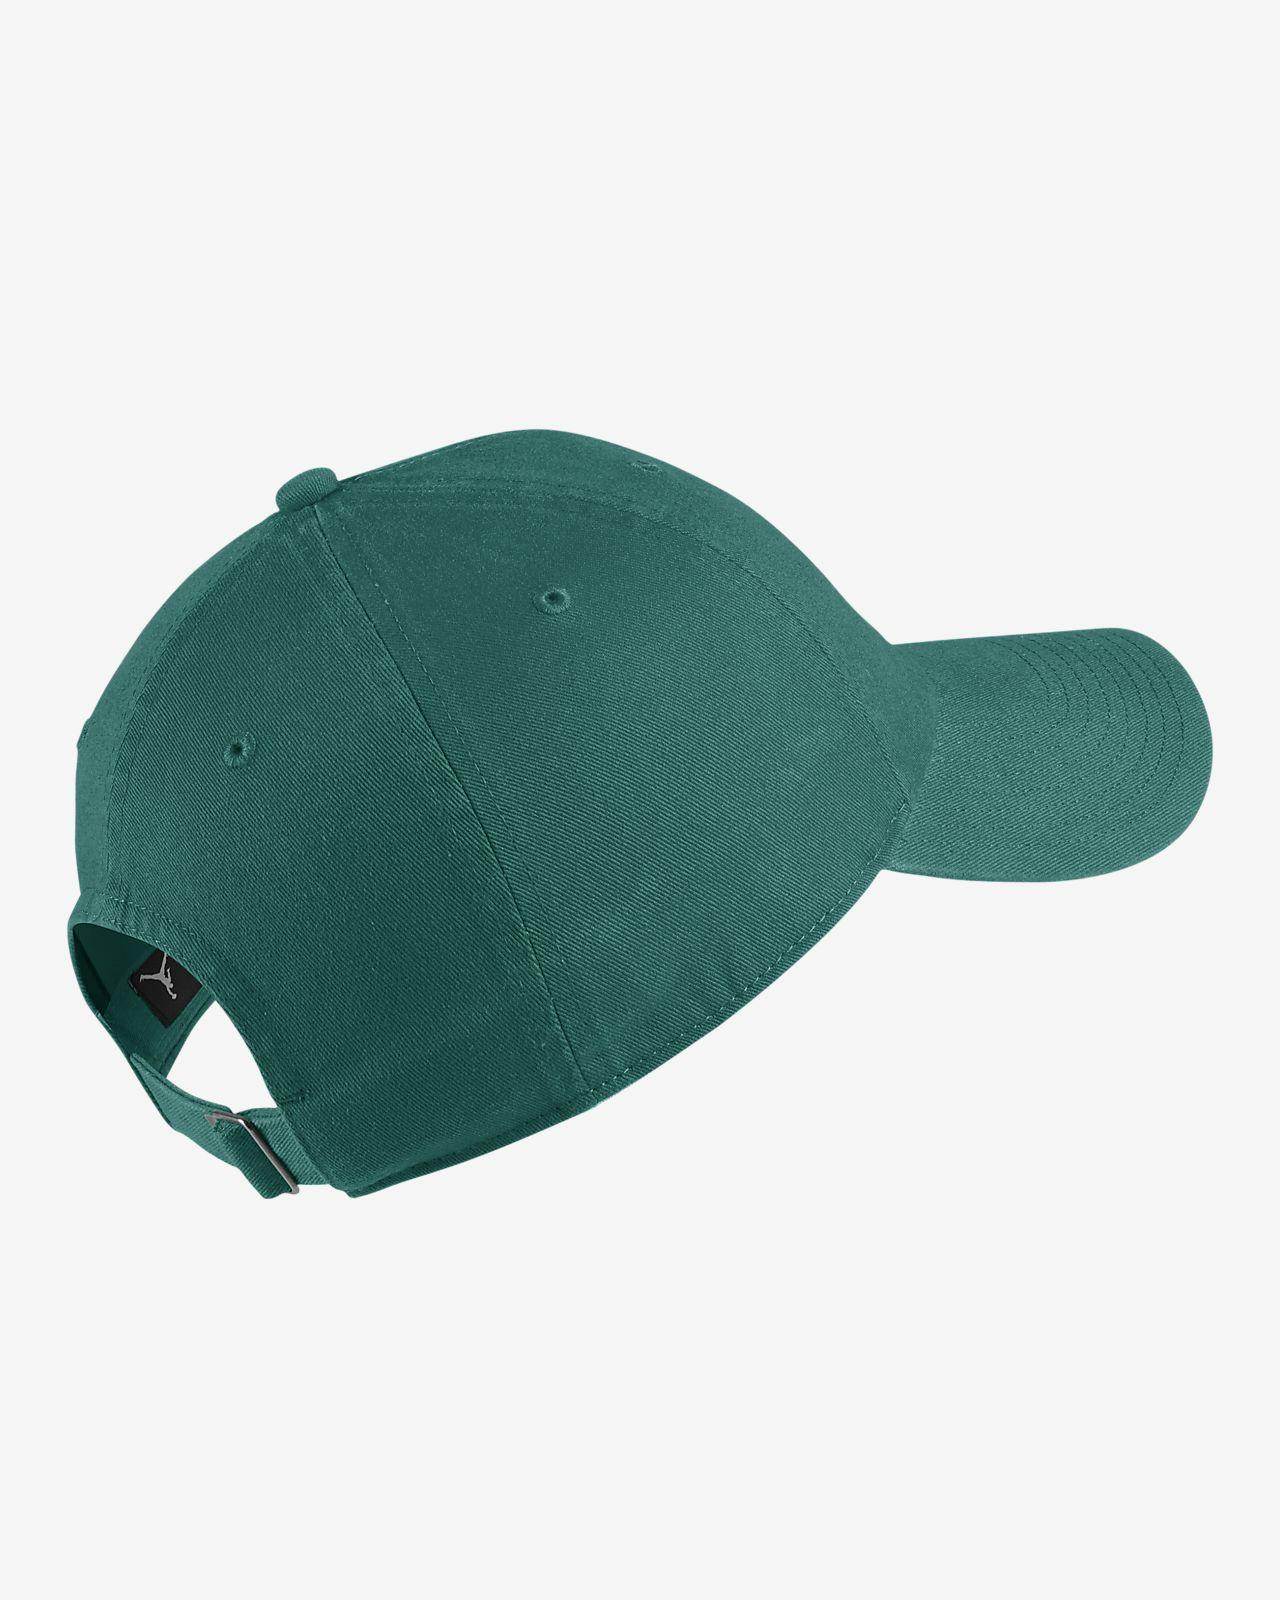 af4801122c4 Jordan Jumpman Heritage 86 Adjustable Hat. Nike.com MY